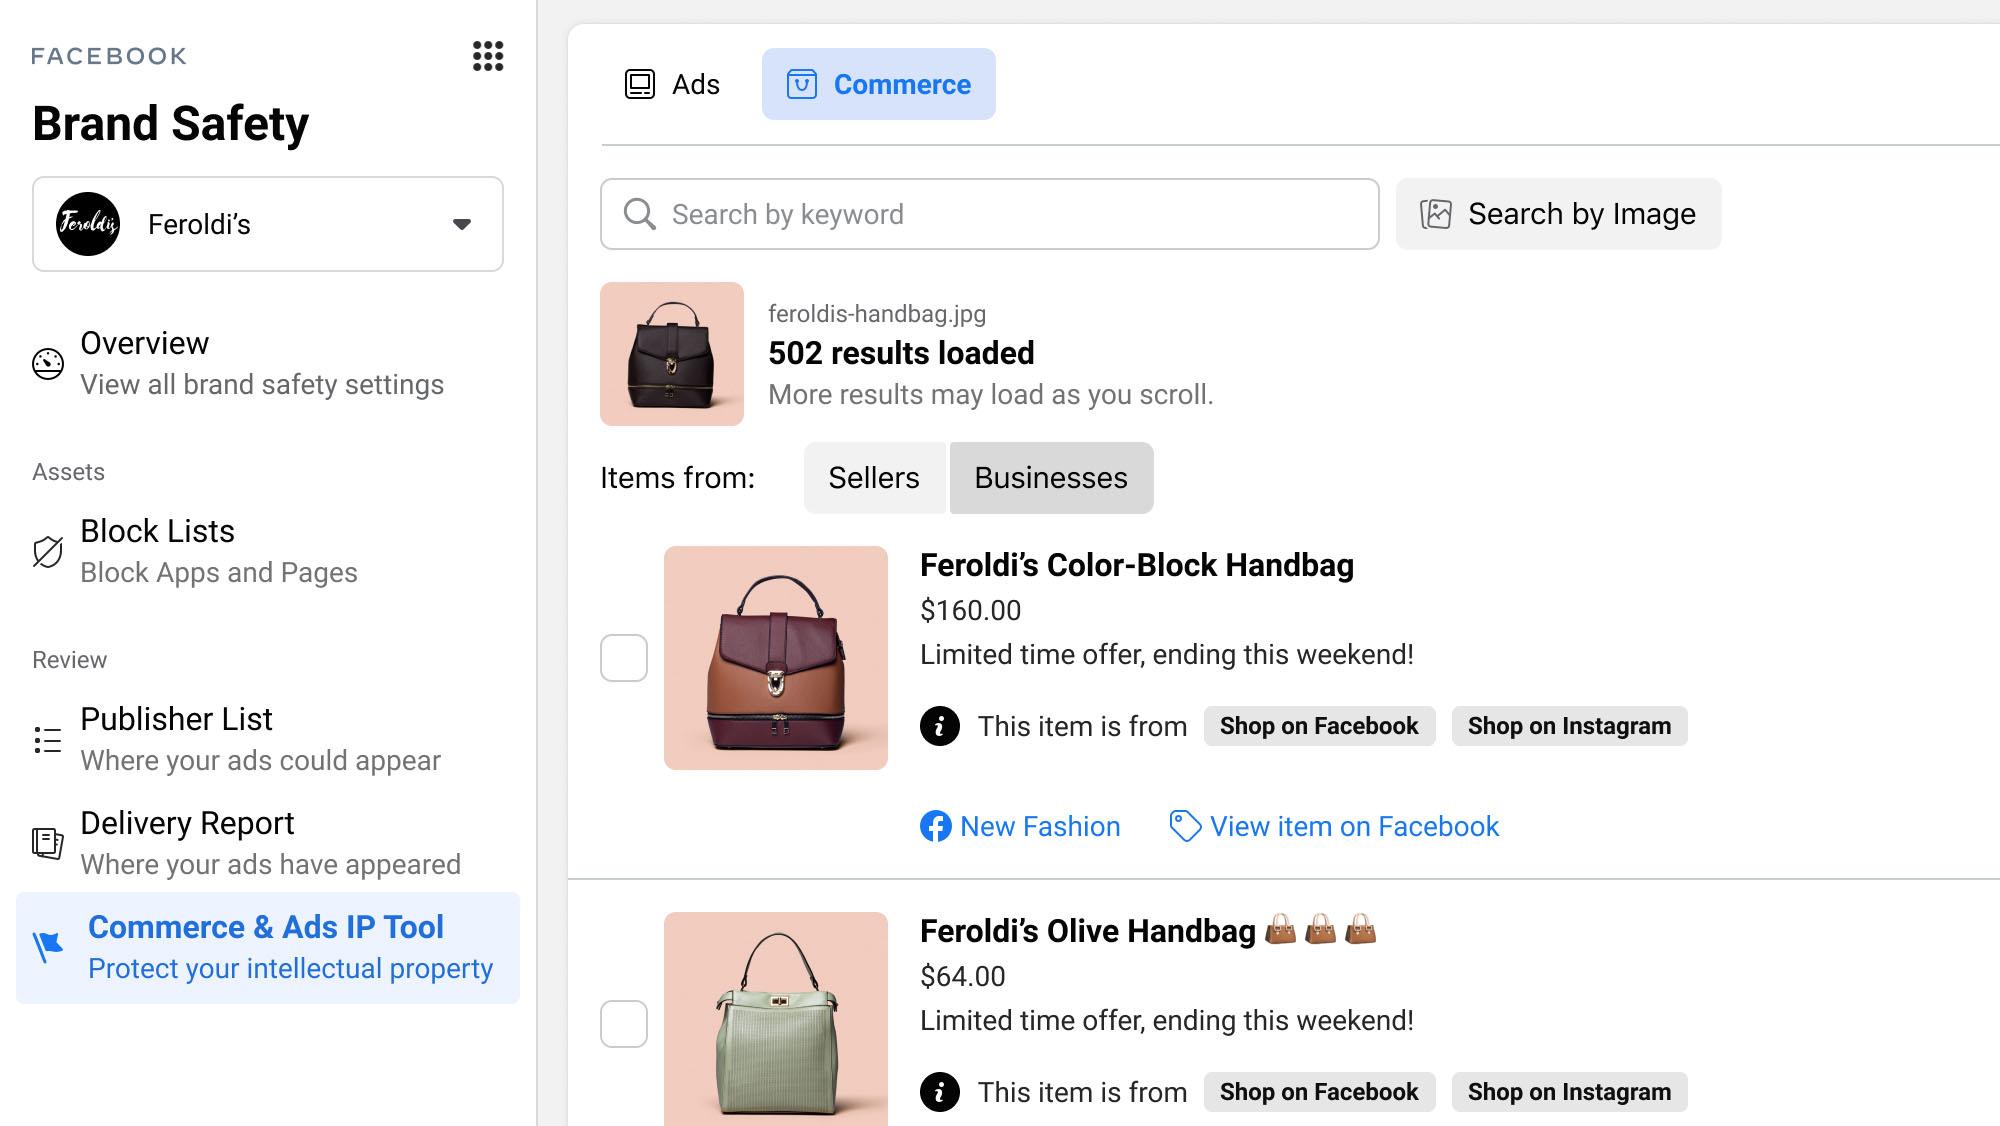 Facebook обновил инструменты для защиты авторских прав и репутации брендов